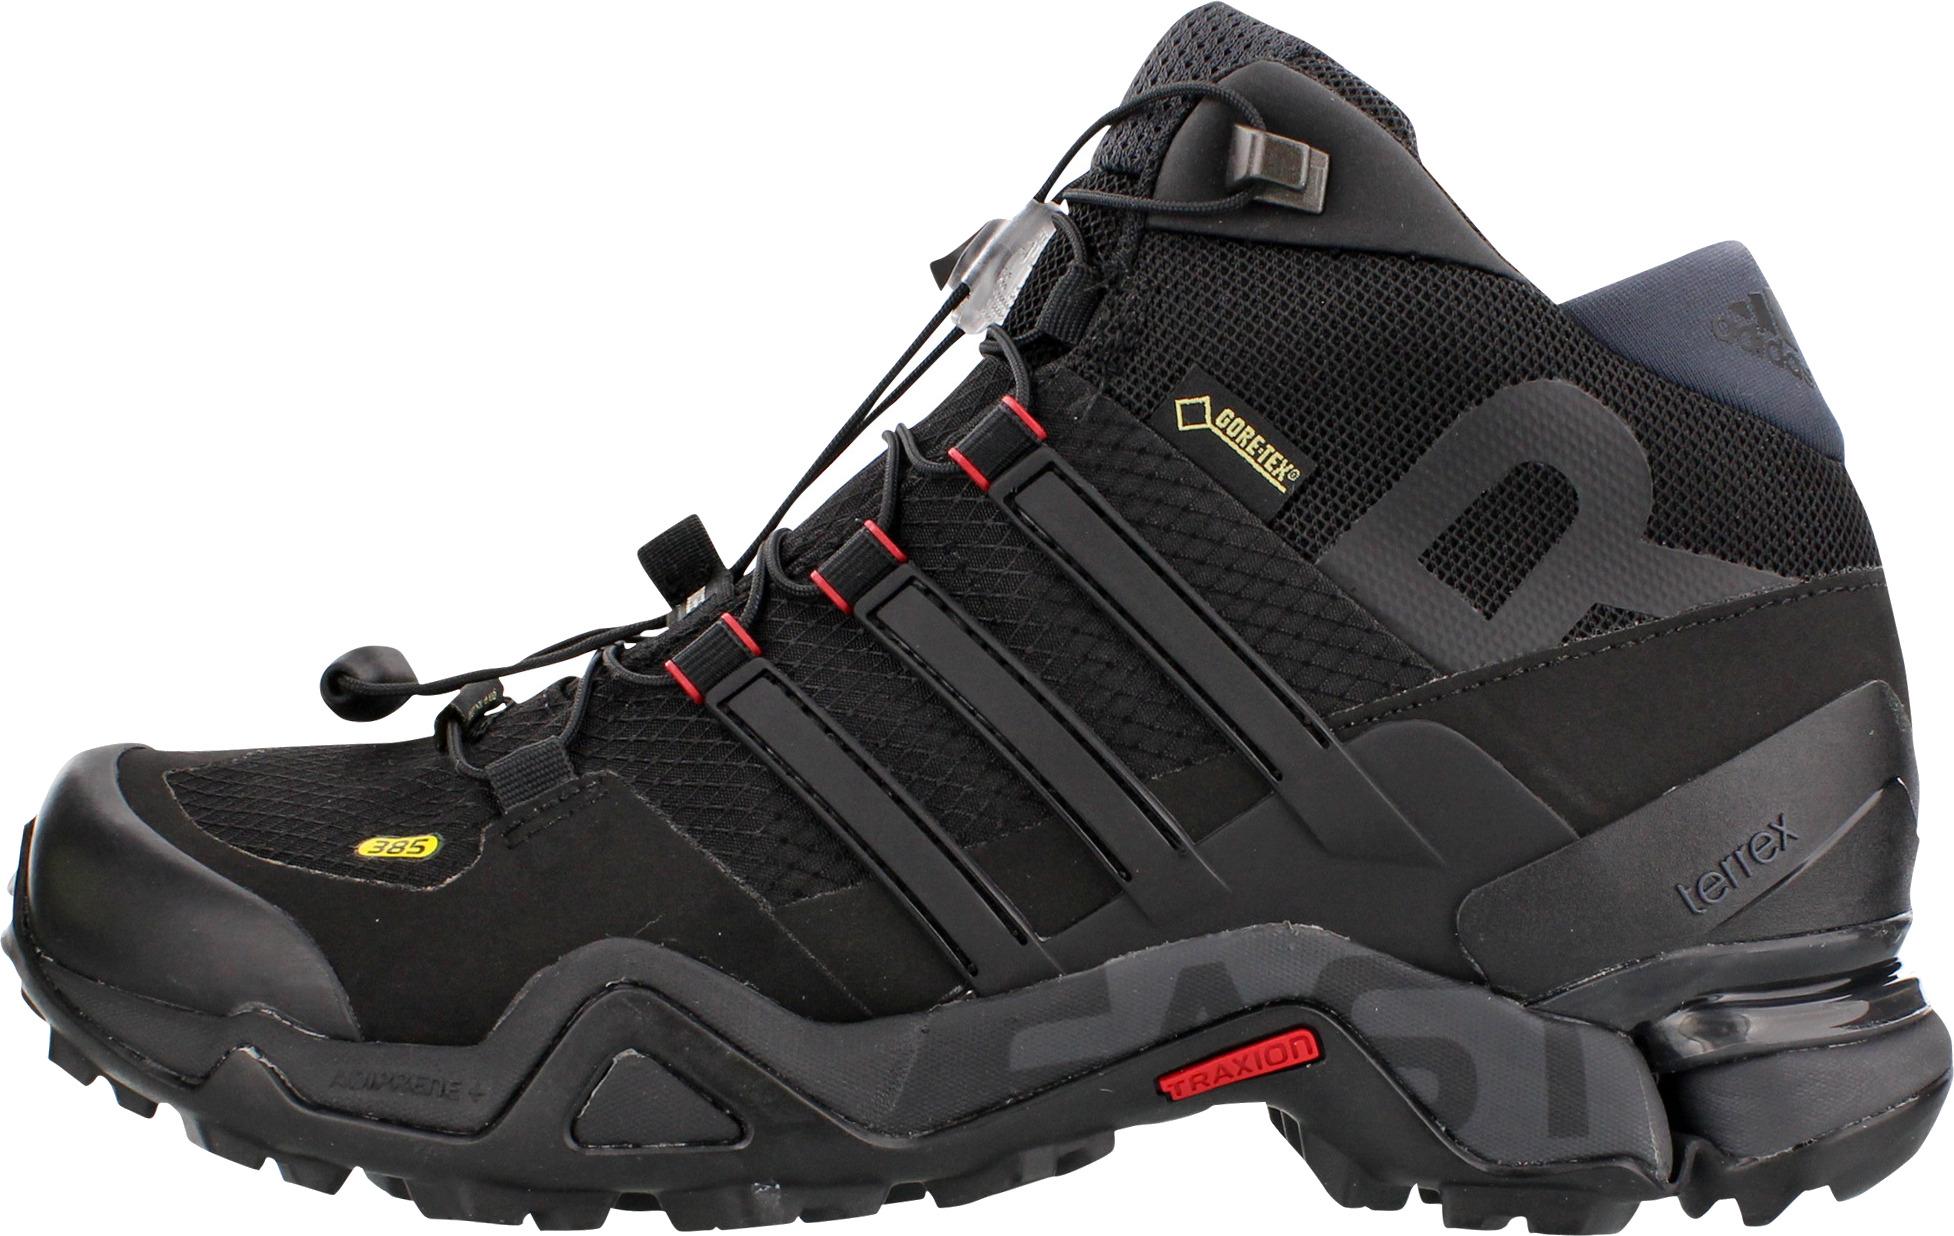 Adidas Outdoor Terrex Fast R Mid GTX Hiking Boot - Women s  8b21f8b3f40